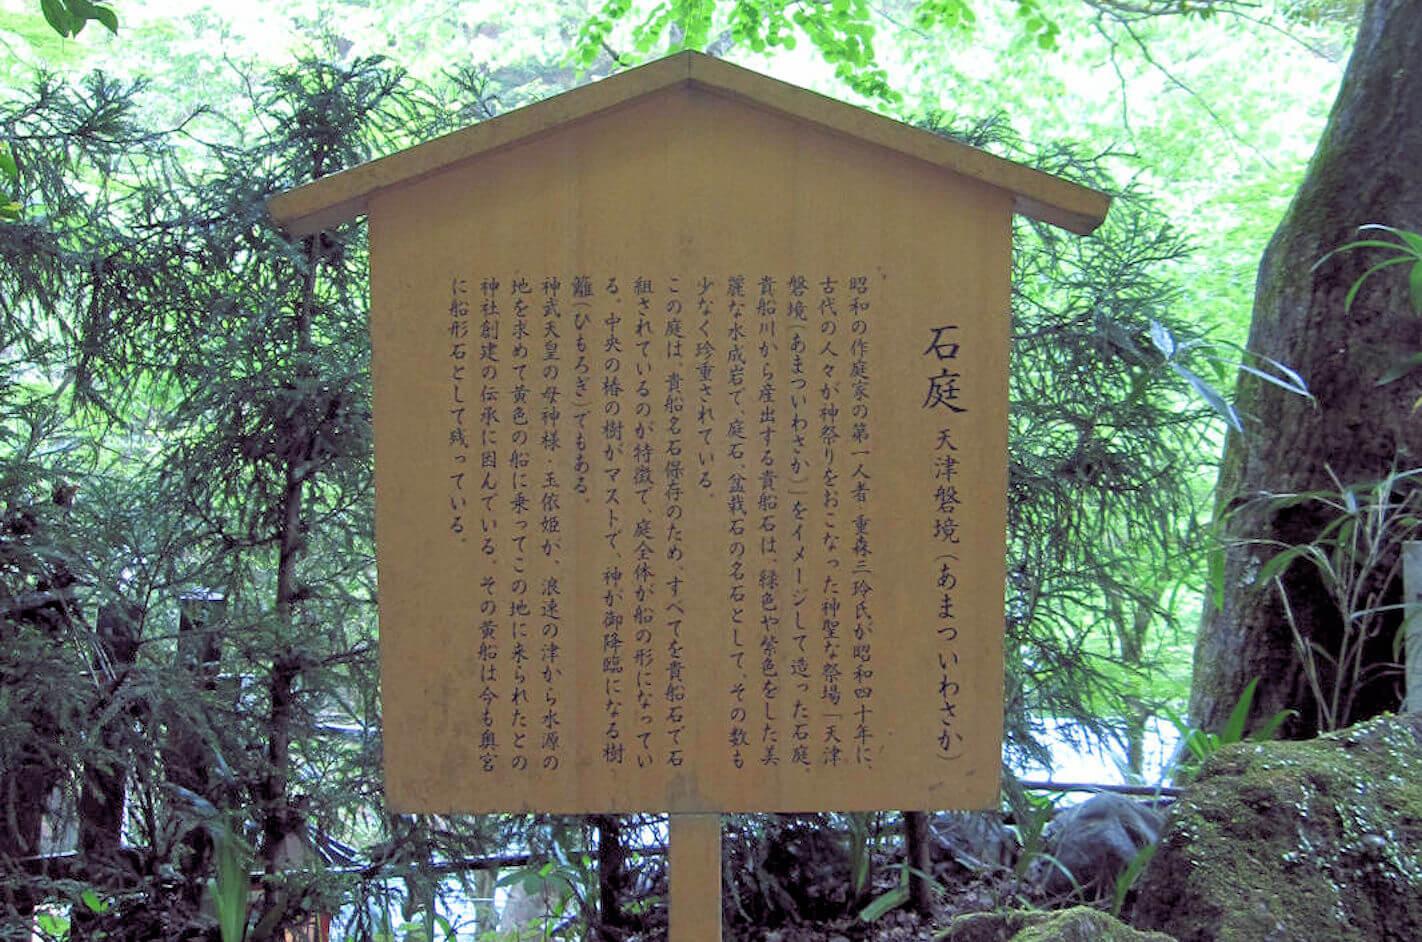 貴船神社 石庭の札